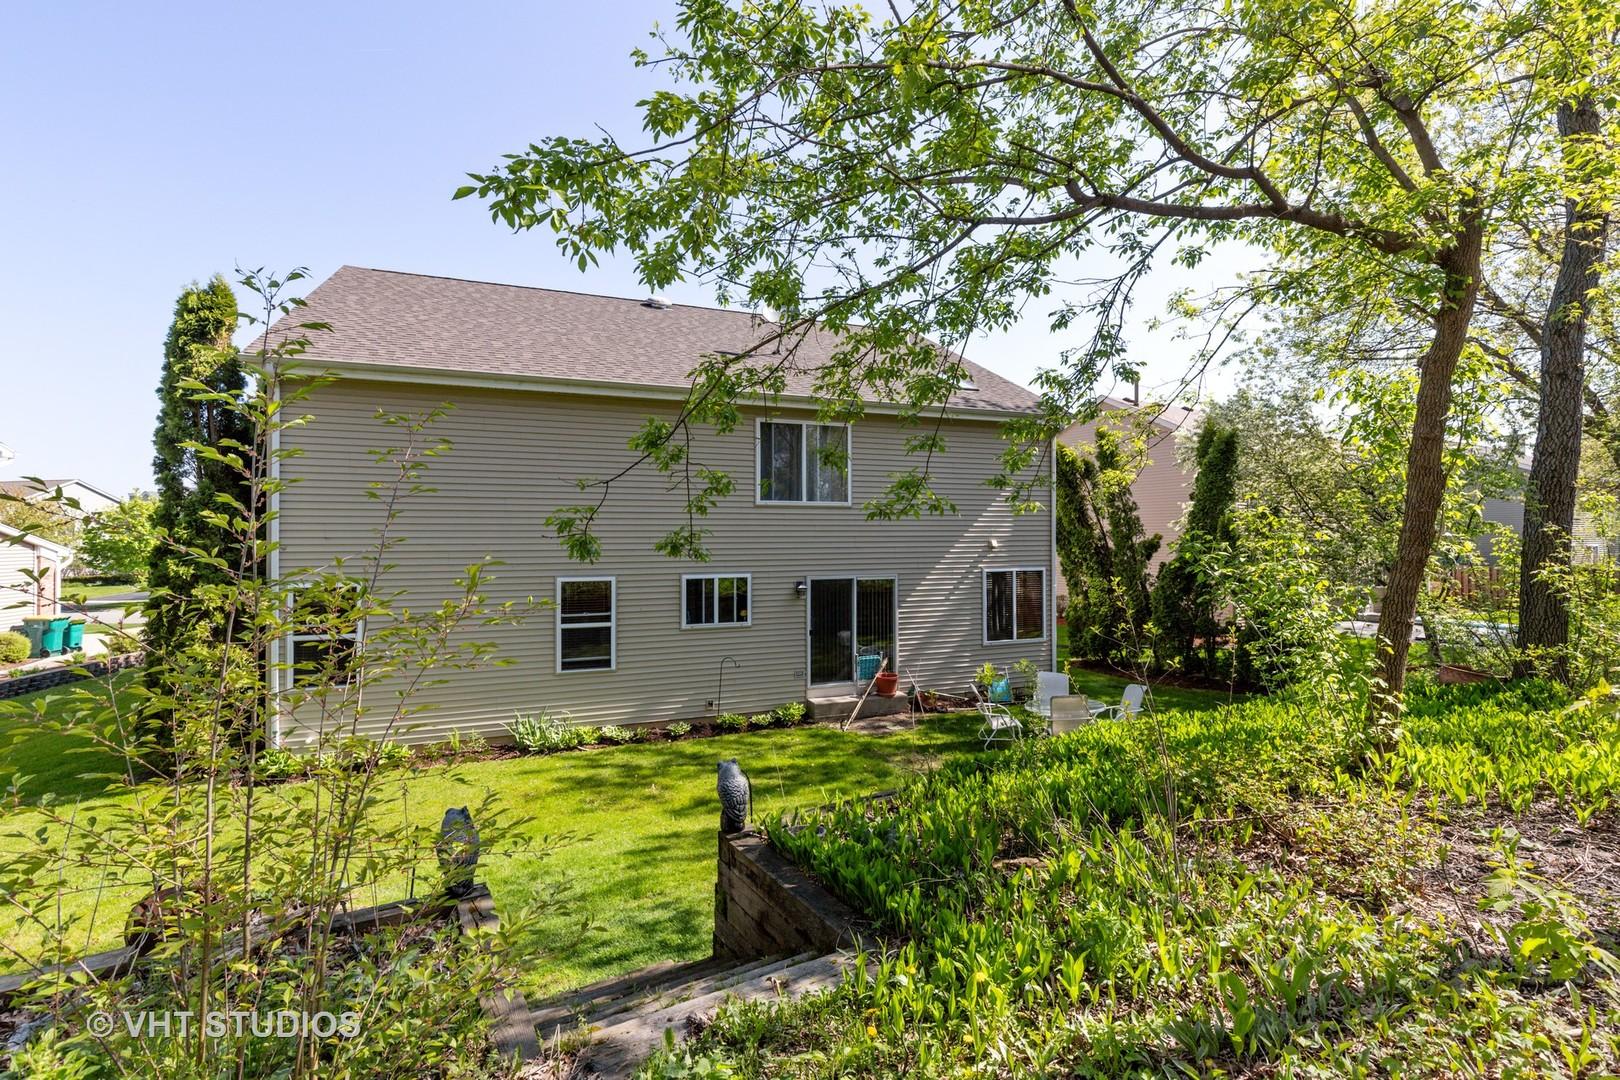 1312 MAYFAIR, Grayslake, Illinois, 60030